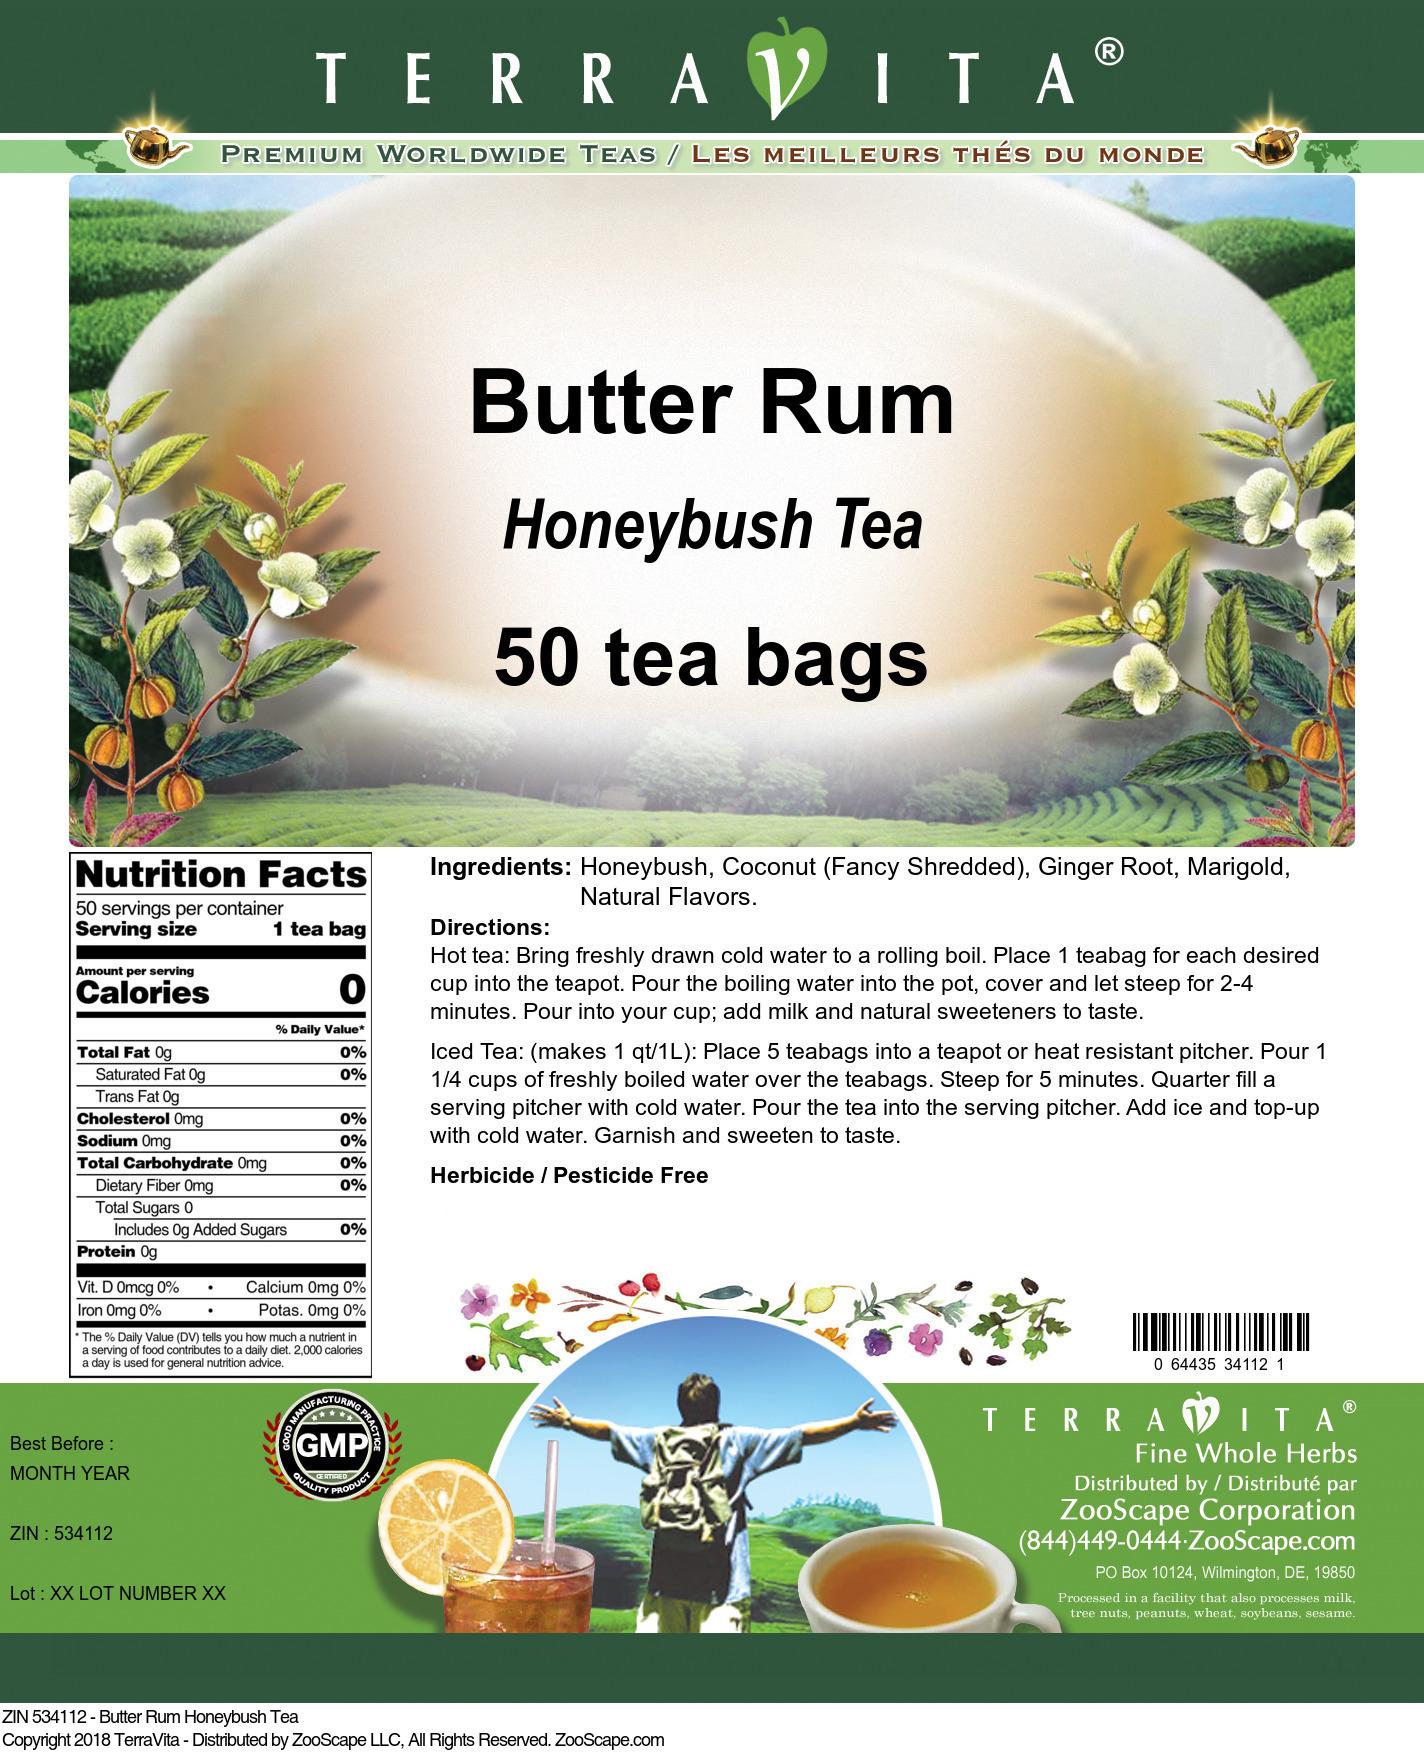 Butter Rum Honeybush Tea